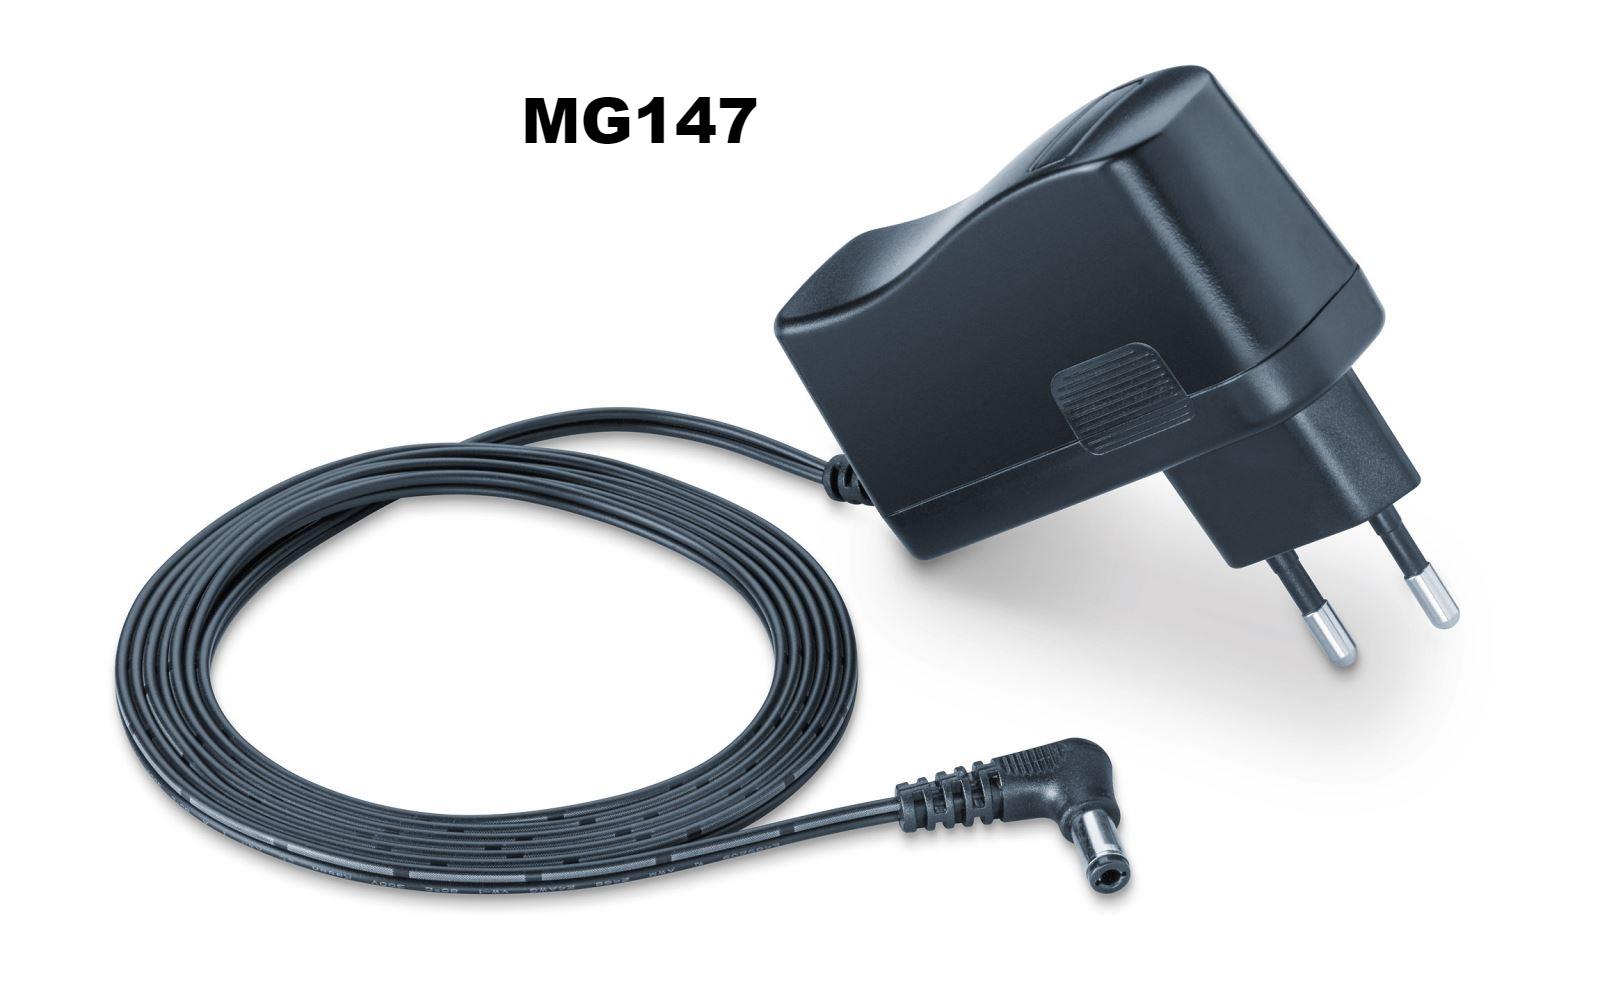 BỘ NGUỒN GỐI MÁT XA MG147